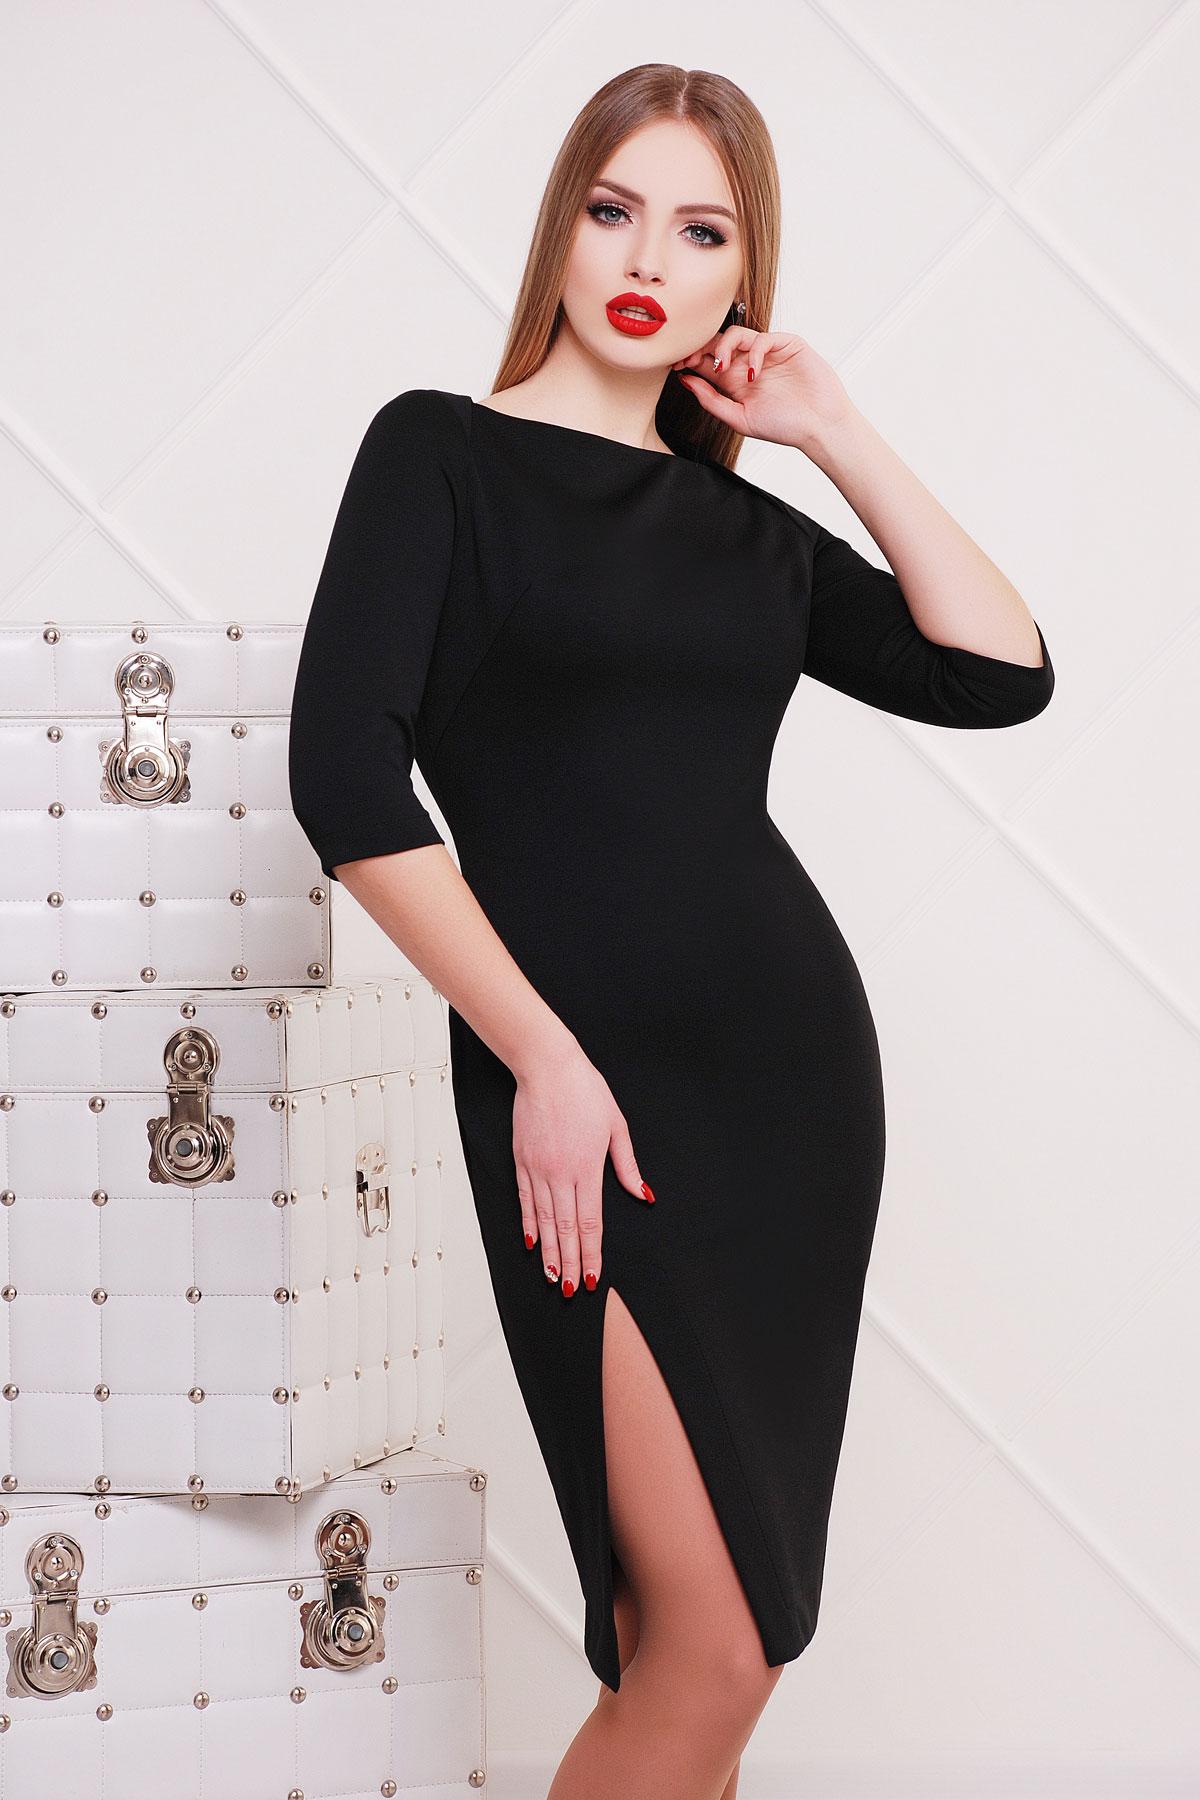 b5f41761392b элегантное черное платье длиной до колен. платье Лучера д р. Цвет  черный